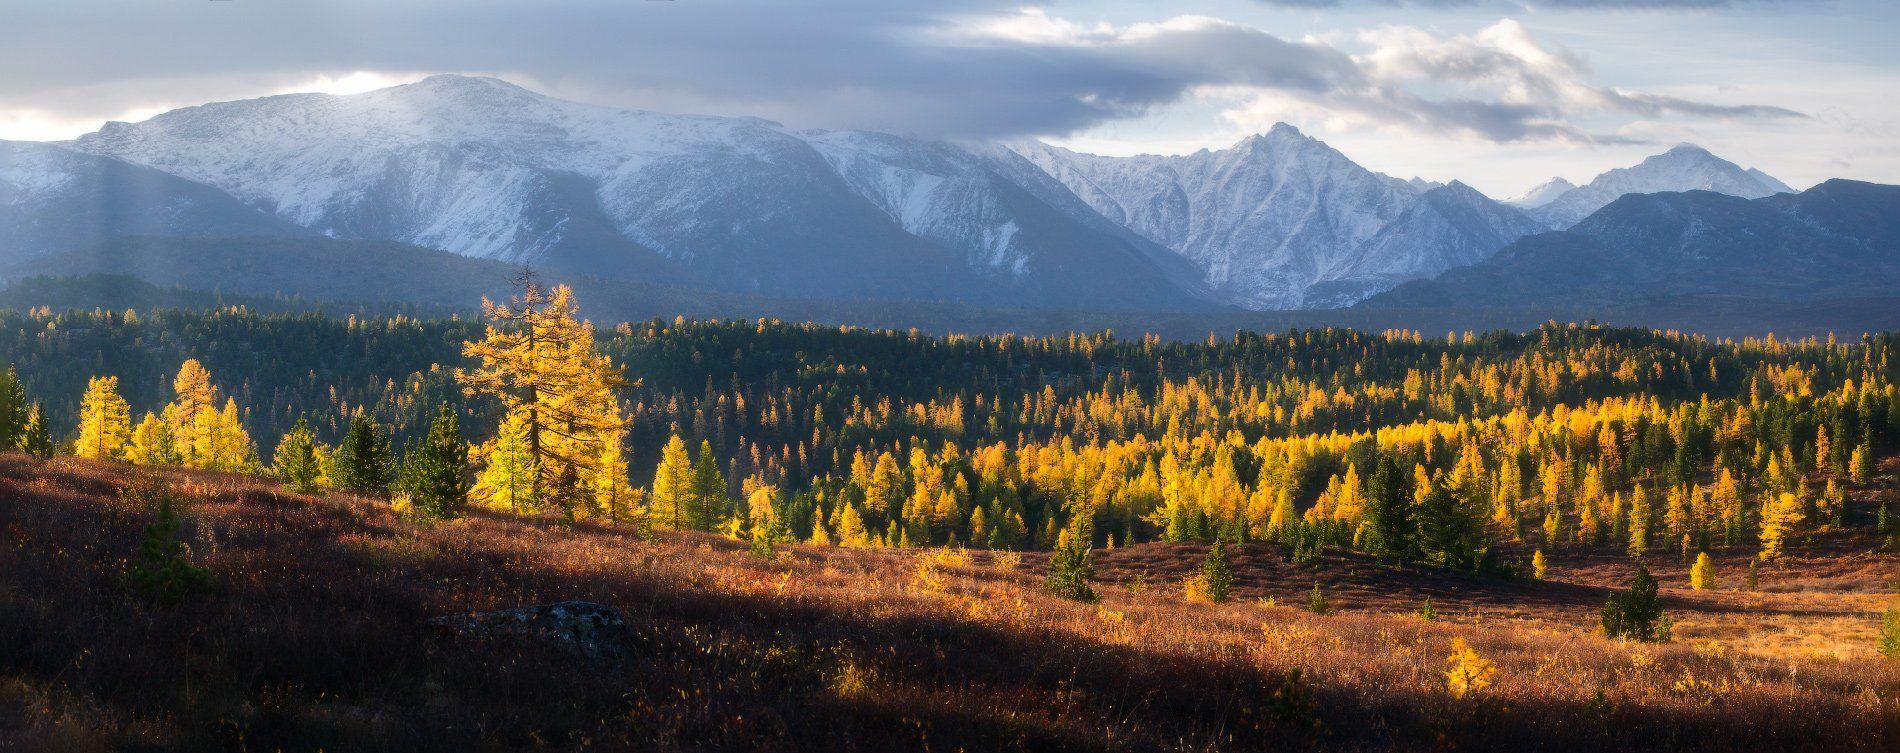 алтай, горы, осень, Владимир Ляпин